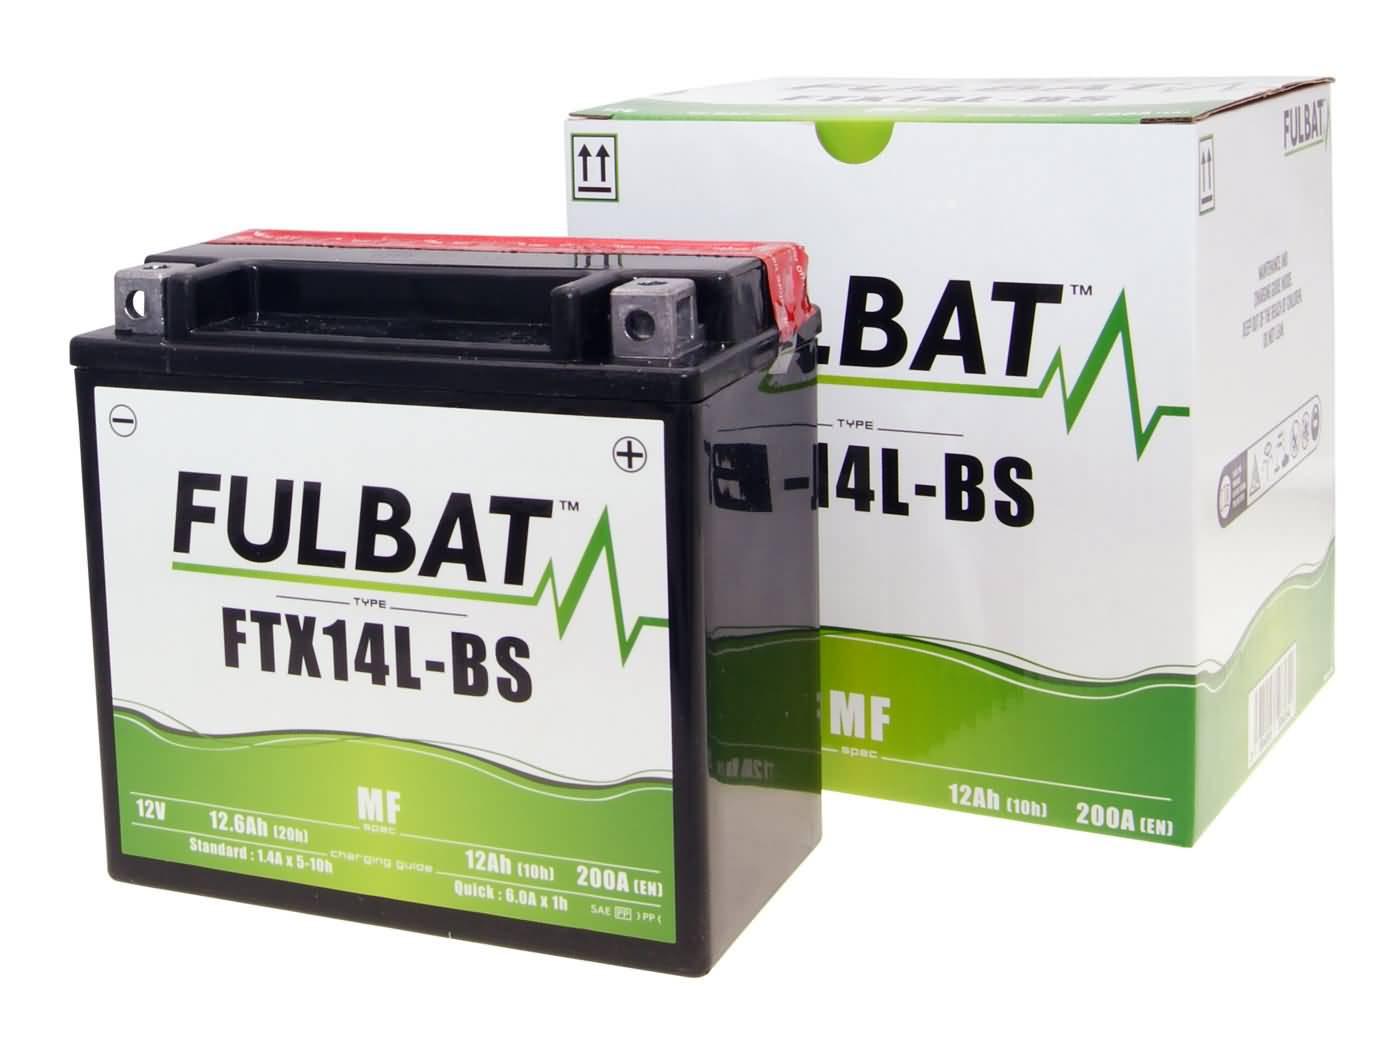 Fulbat FTX14L-BS MF gondozásmentes akkumulátor